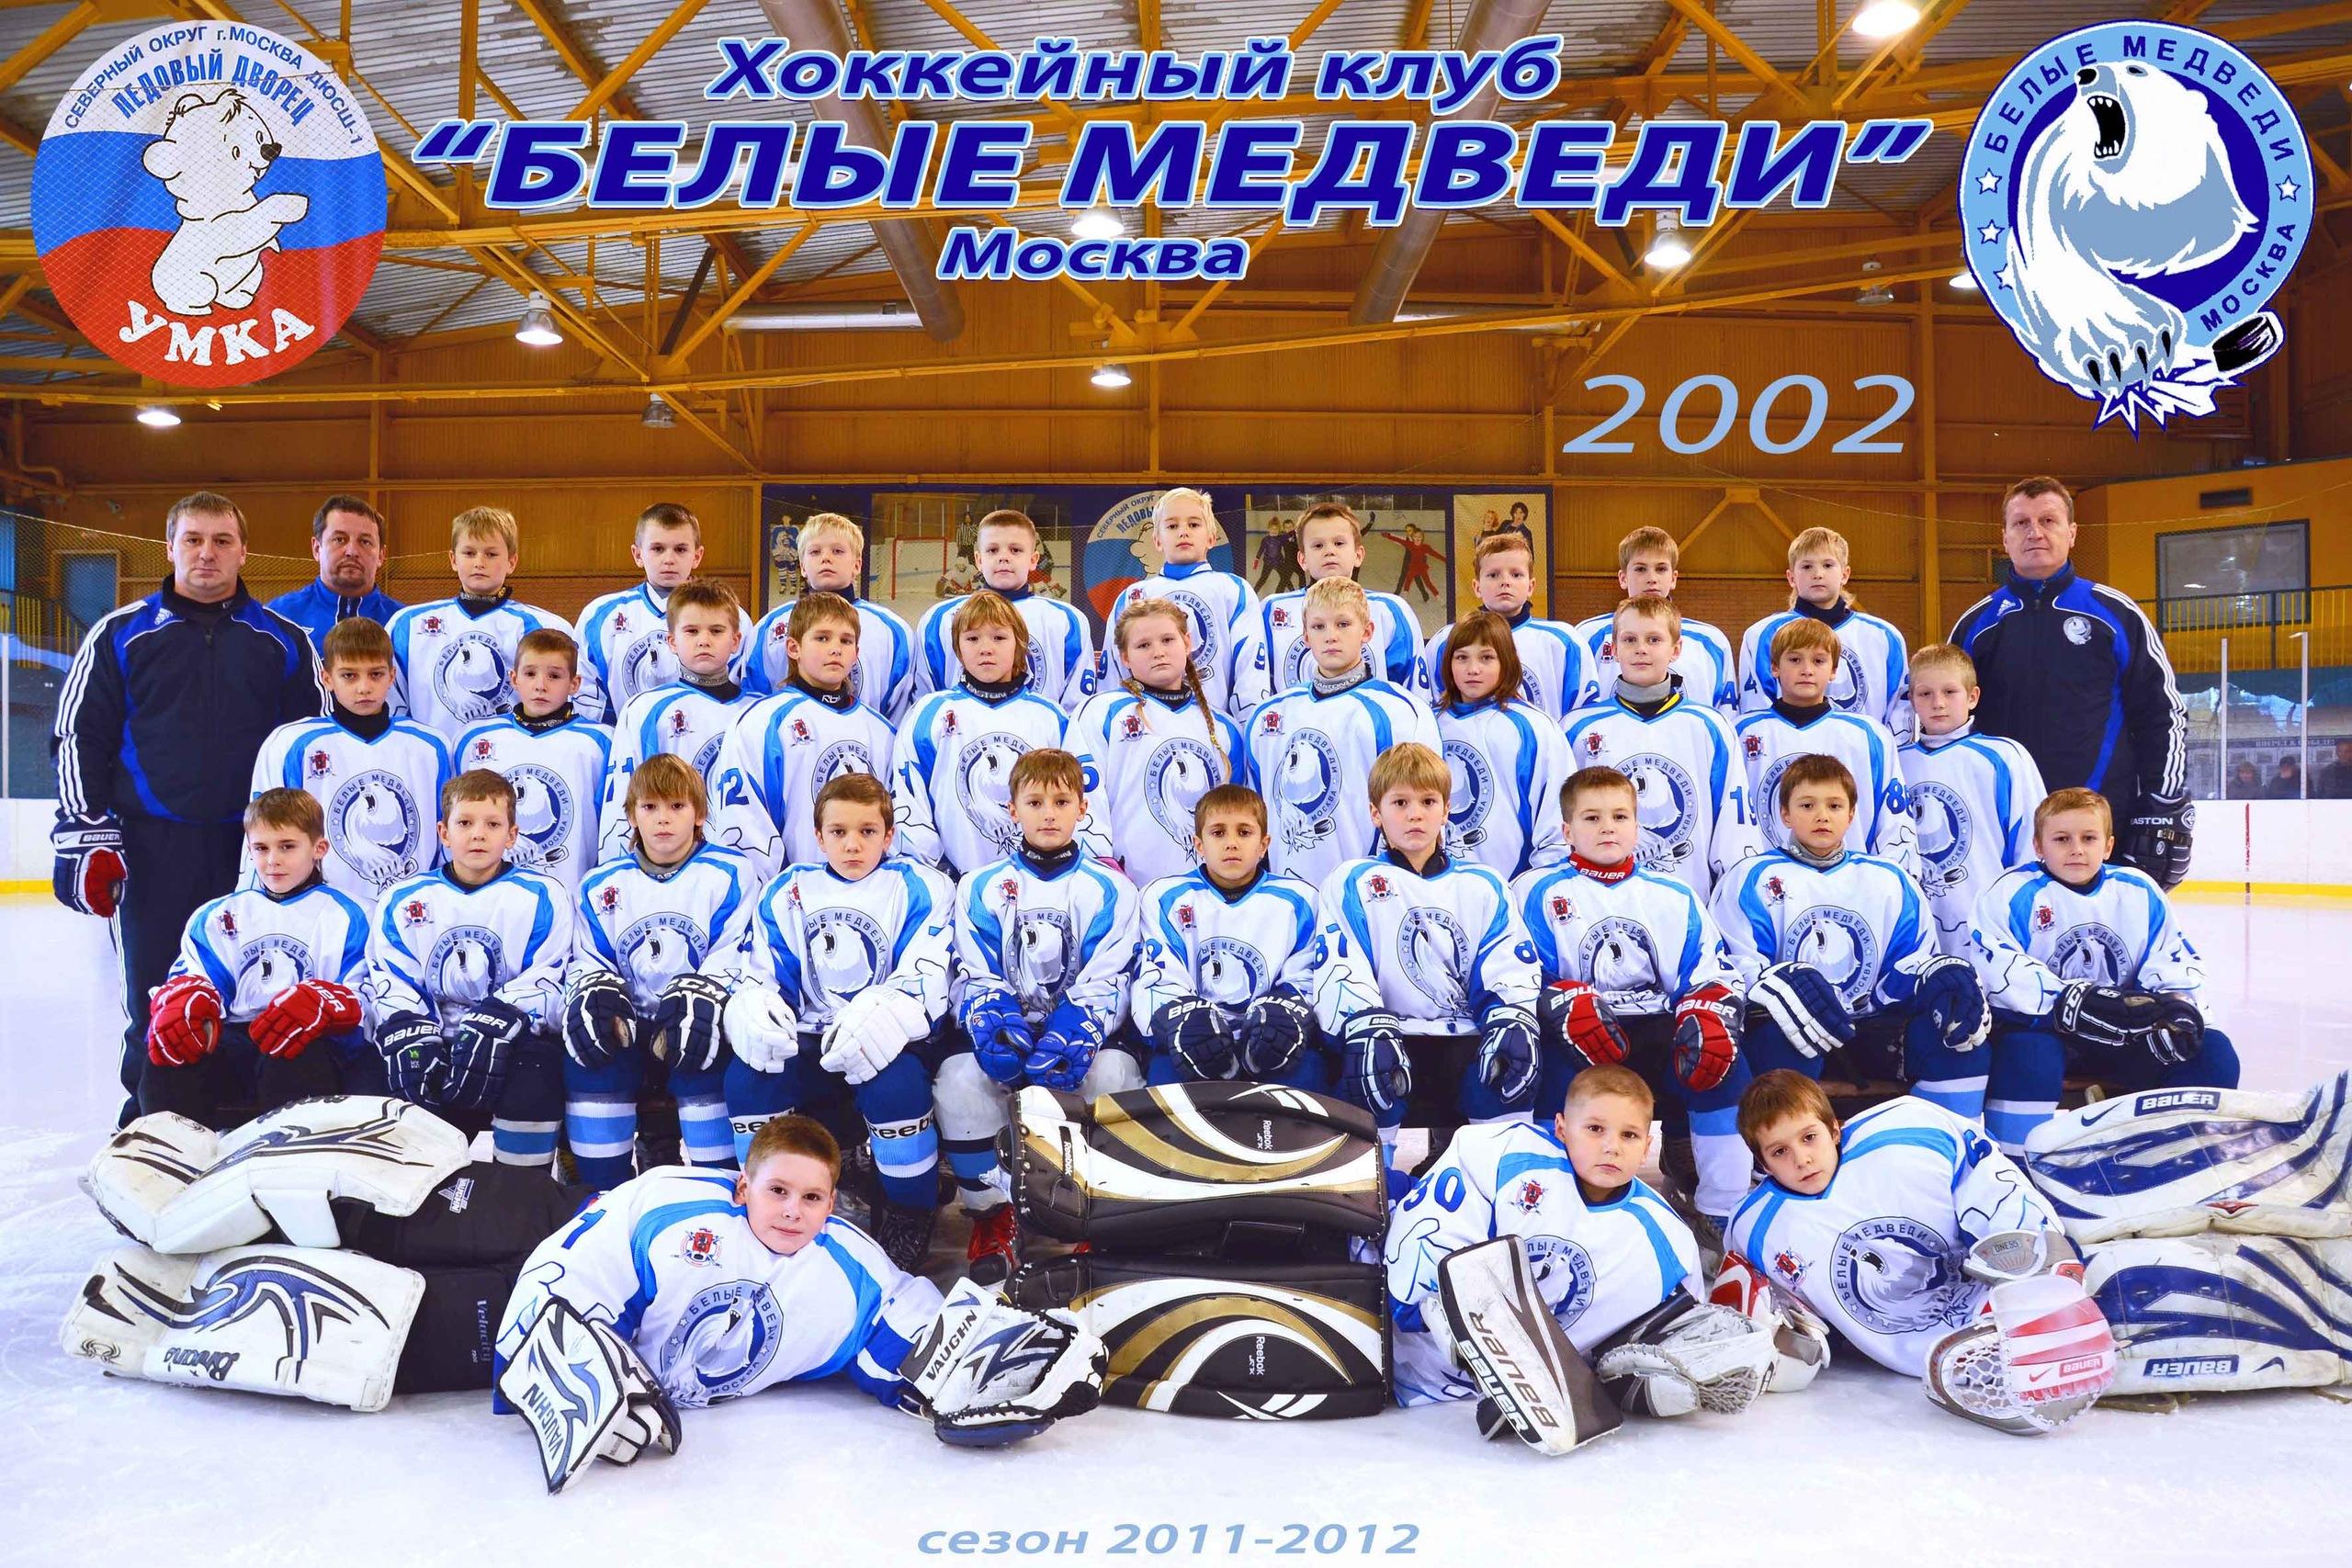 белые медведи хоккейный клуб москва адрес